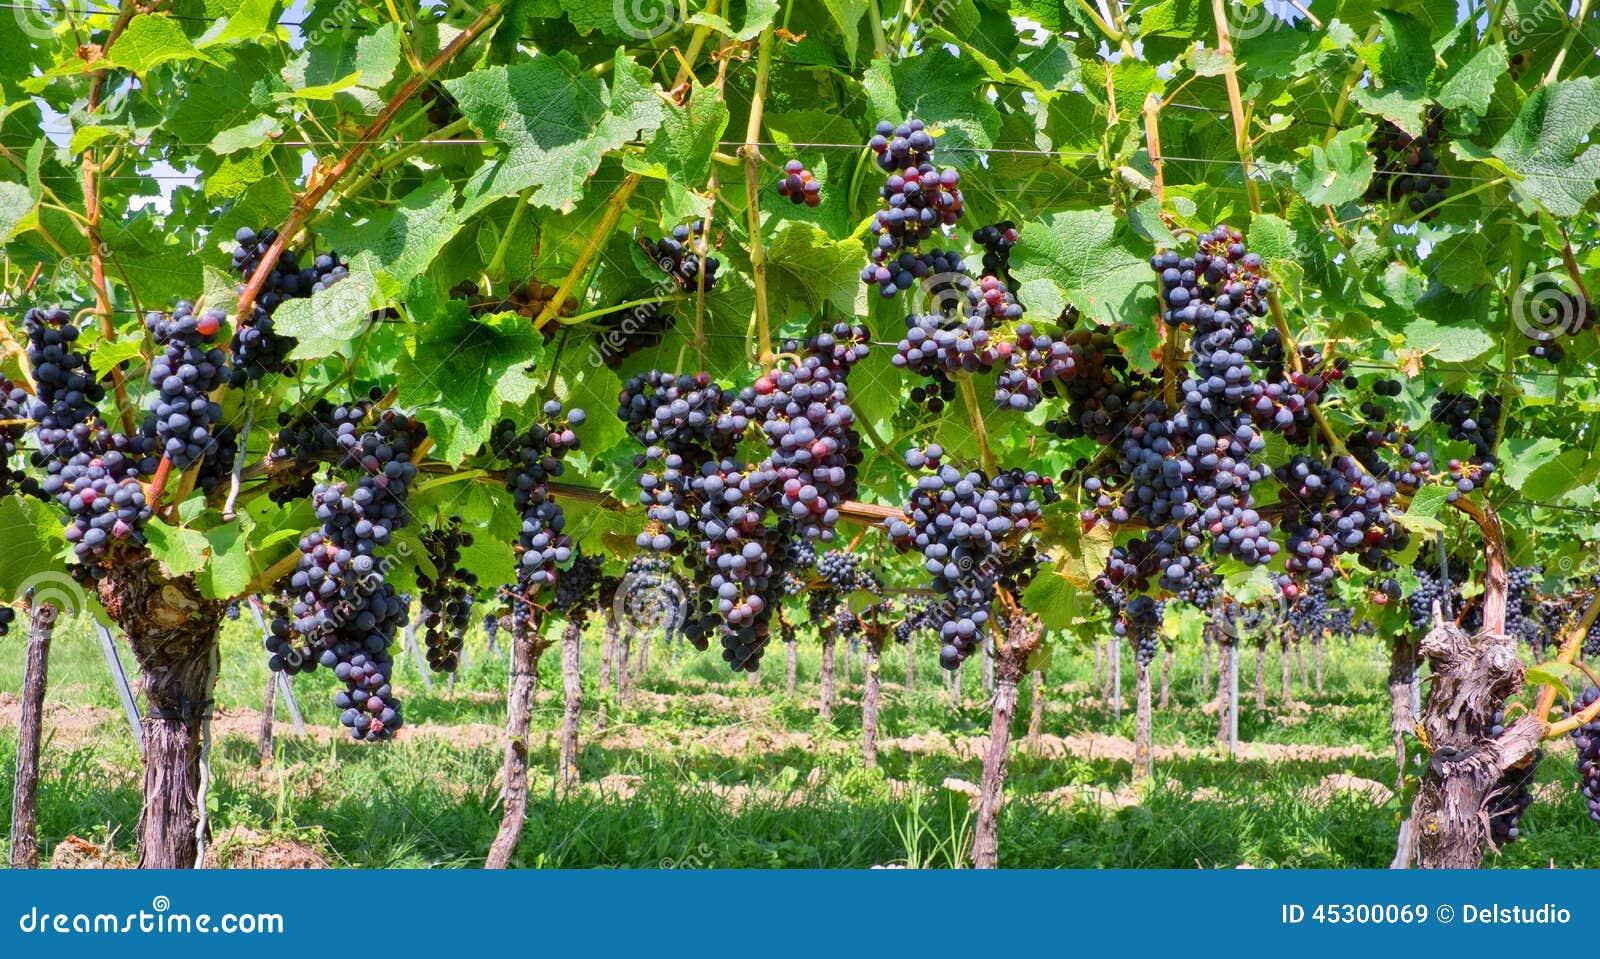 Fermez-vous sur les raisins noirs rouges